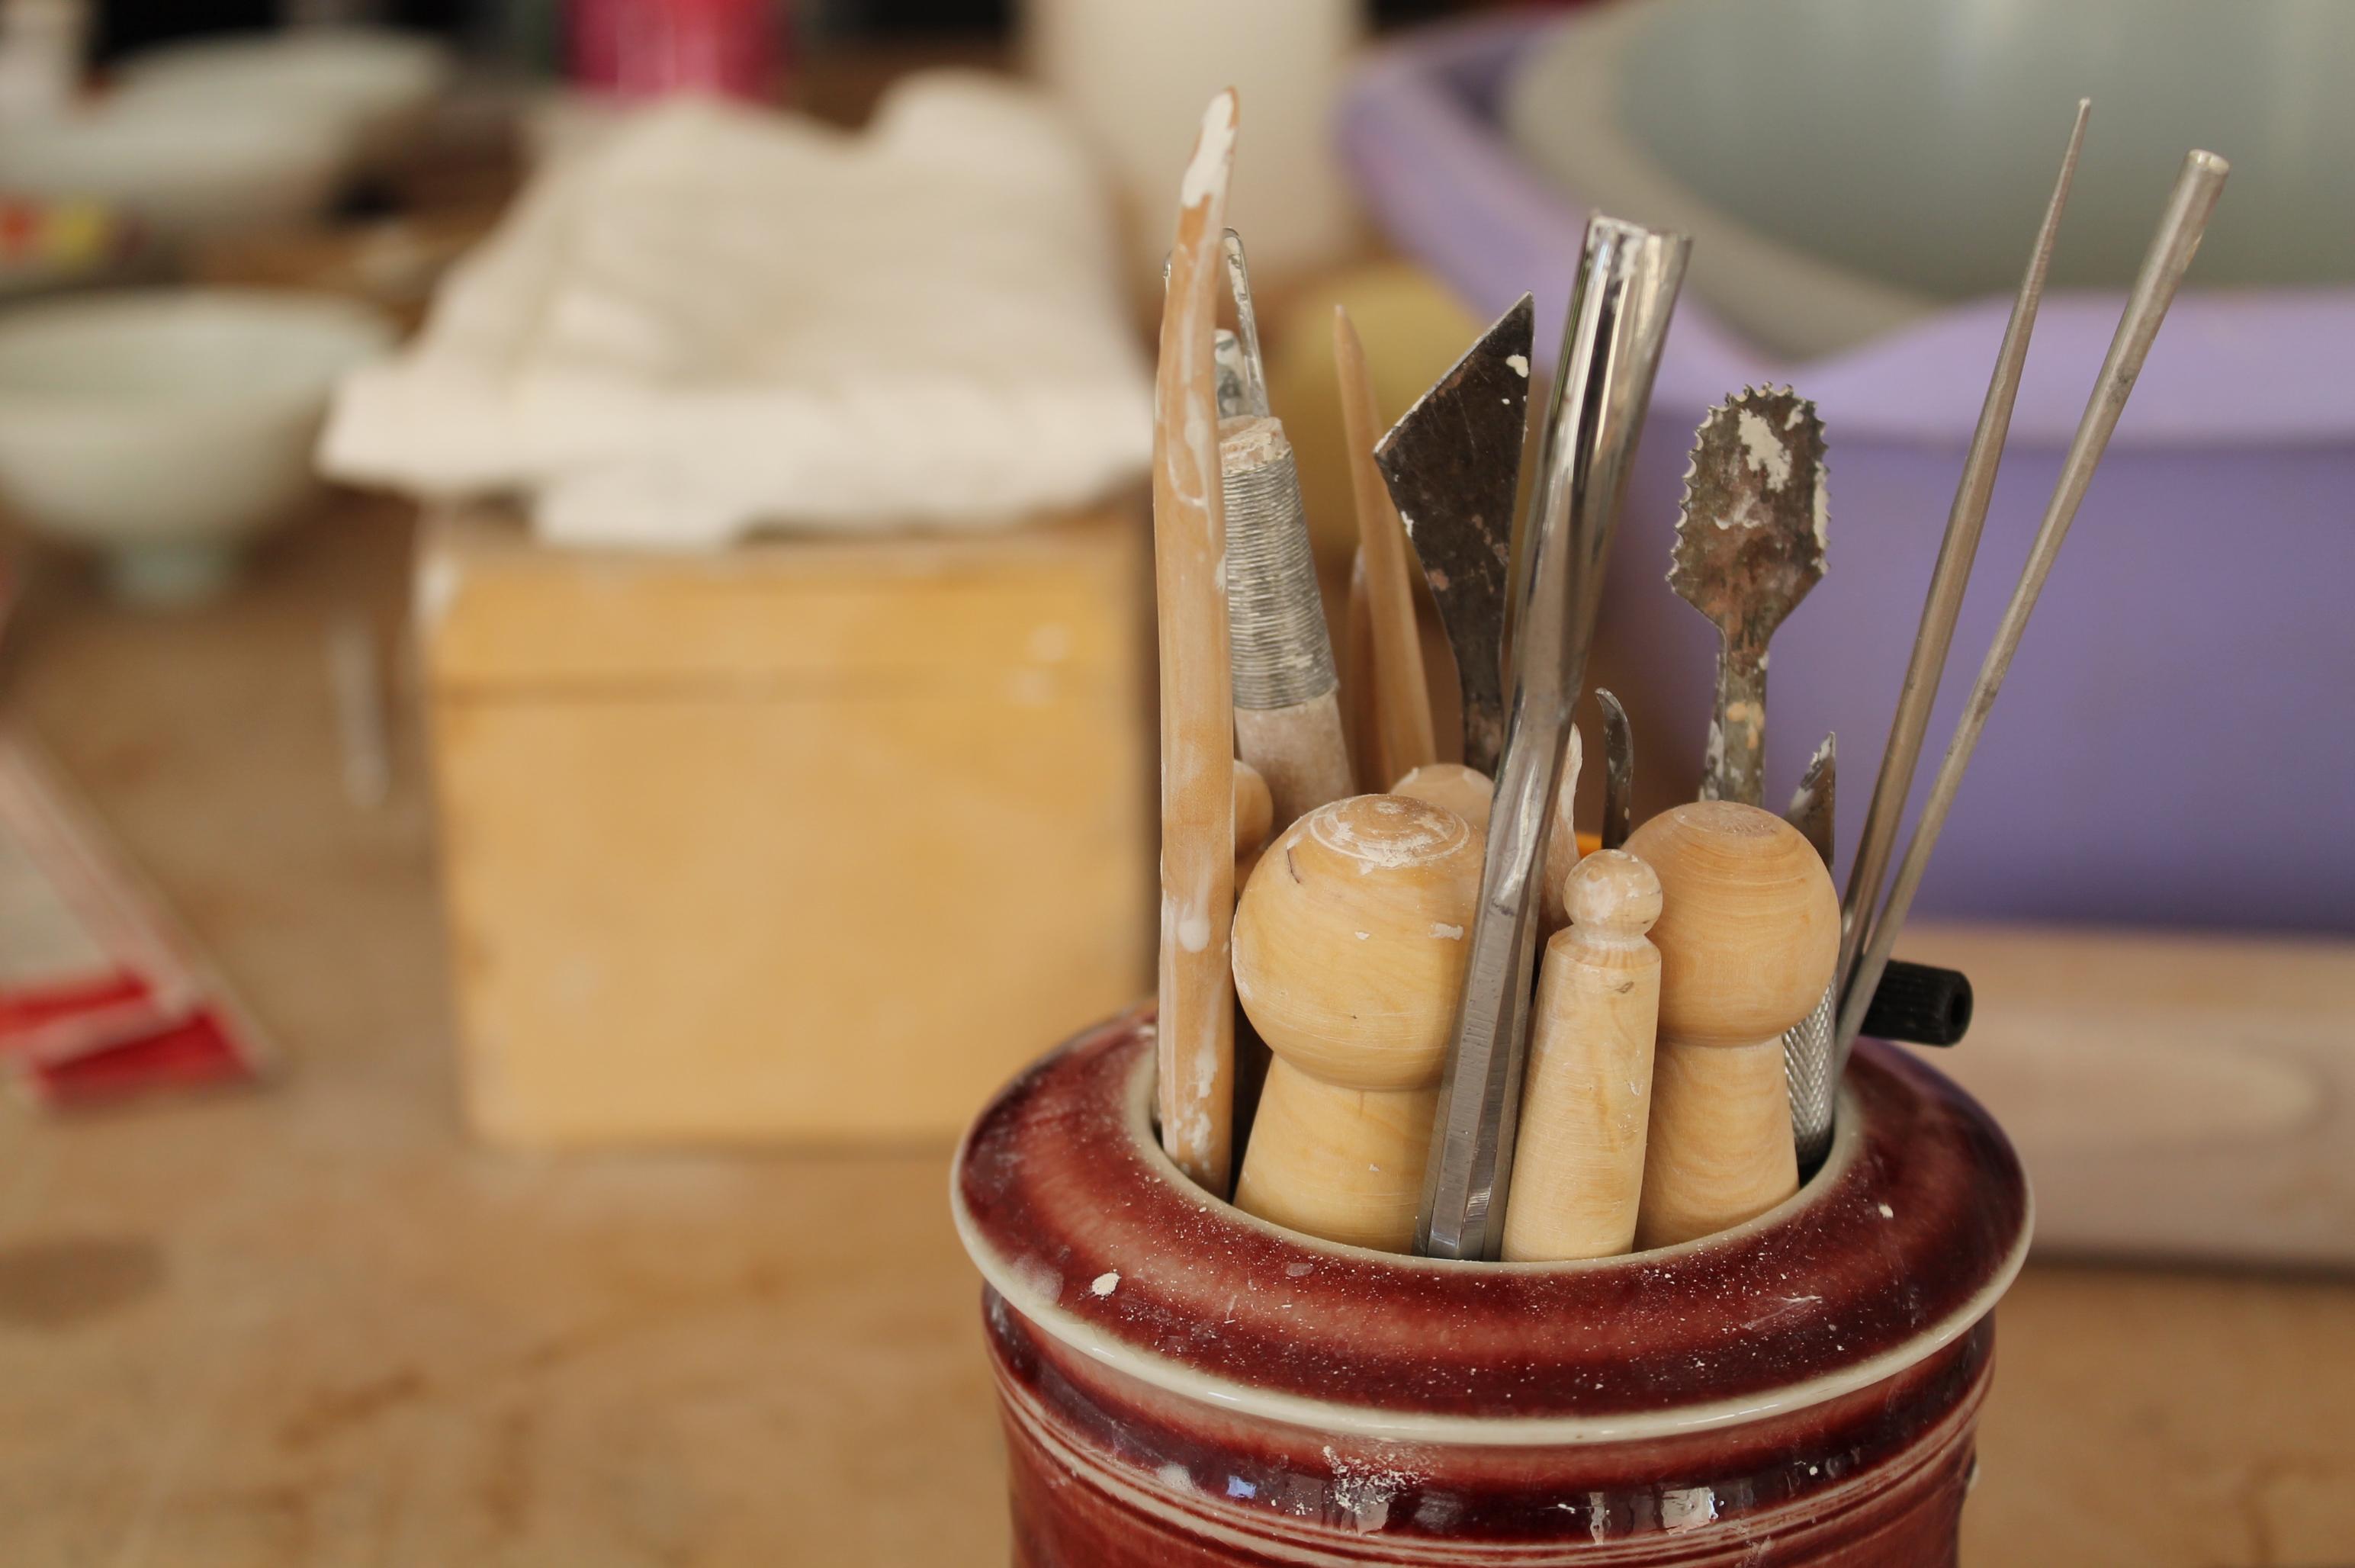 Les objectifs du stage céramique » les gestes essentiel de l'atelier » sont : . Perfectionner son tournage en fonction de son niveau de départ. . Savoir utiliser les oxydes métalliques et les colorants pour la décoration. . Apprendre les techniques pour émailler et engober... Se perfectionner dans les pratiques courantes de l'atelier de céramiste.